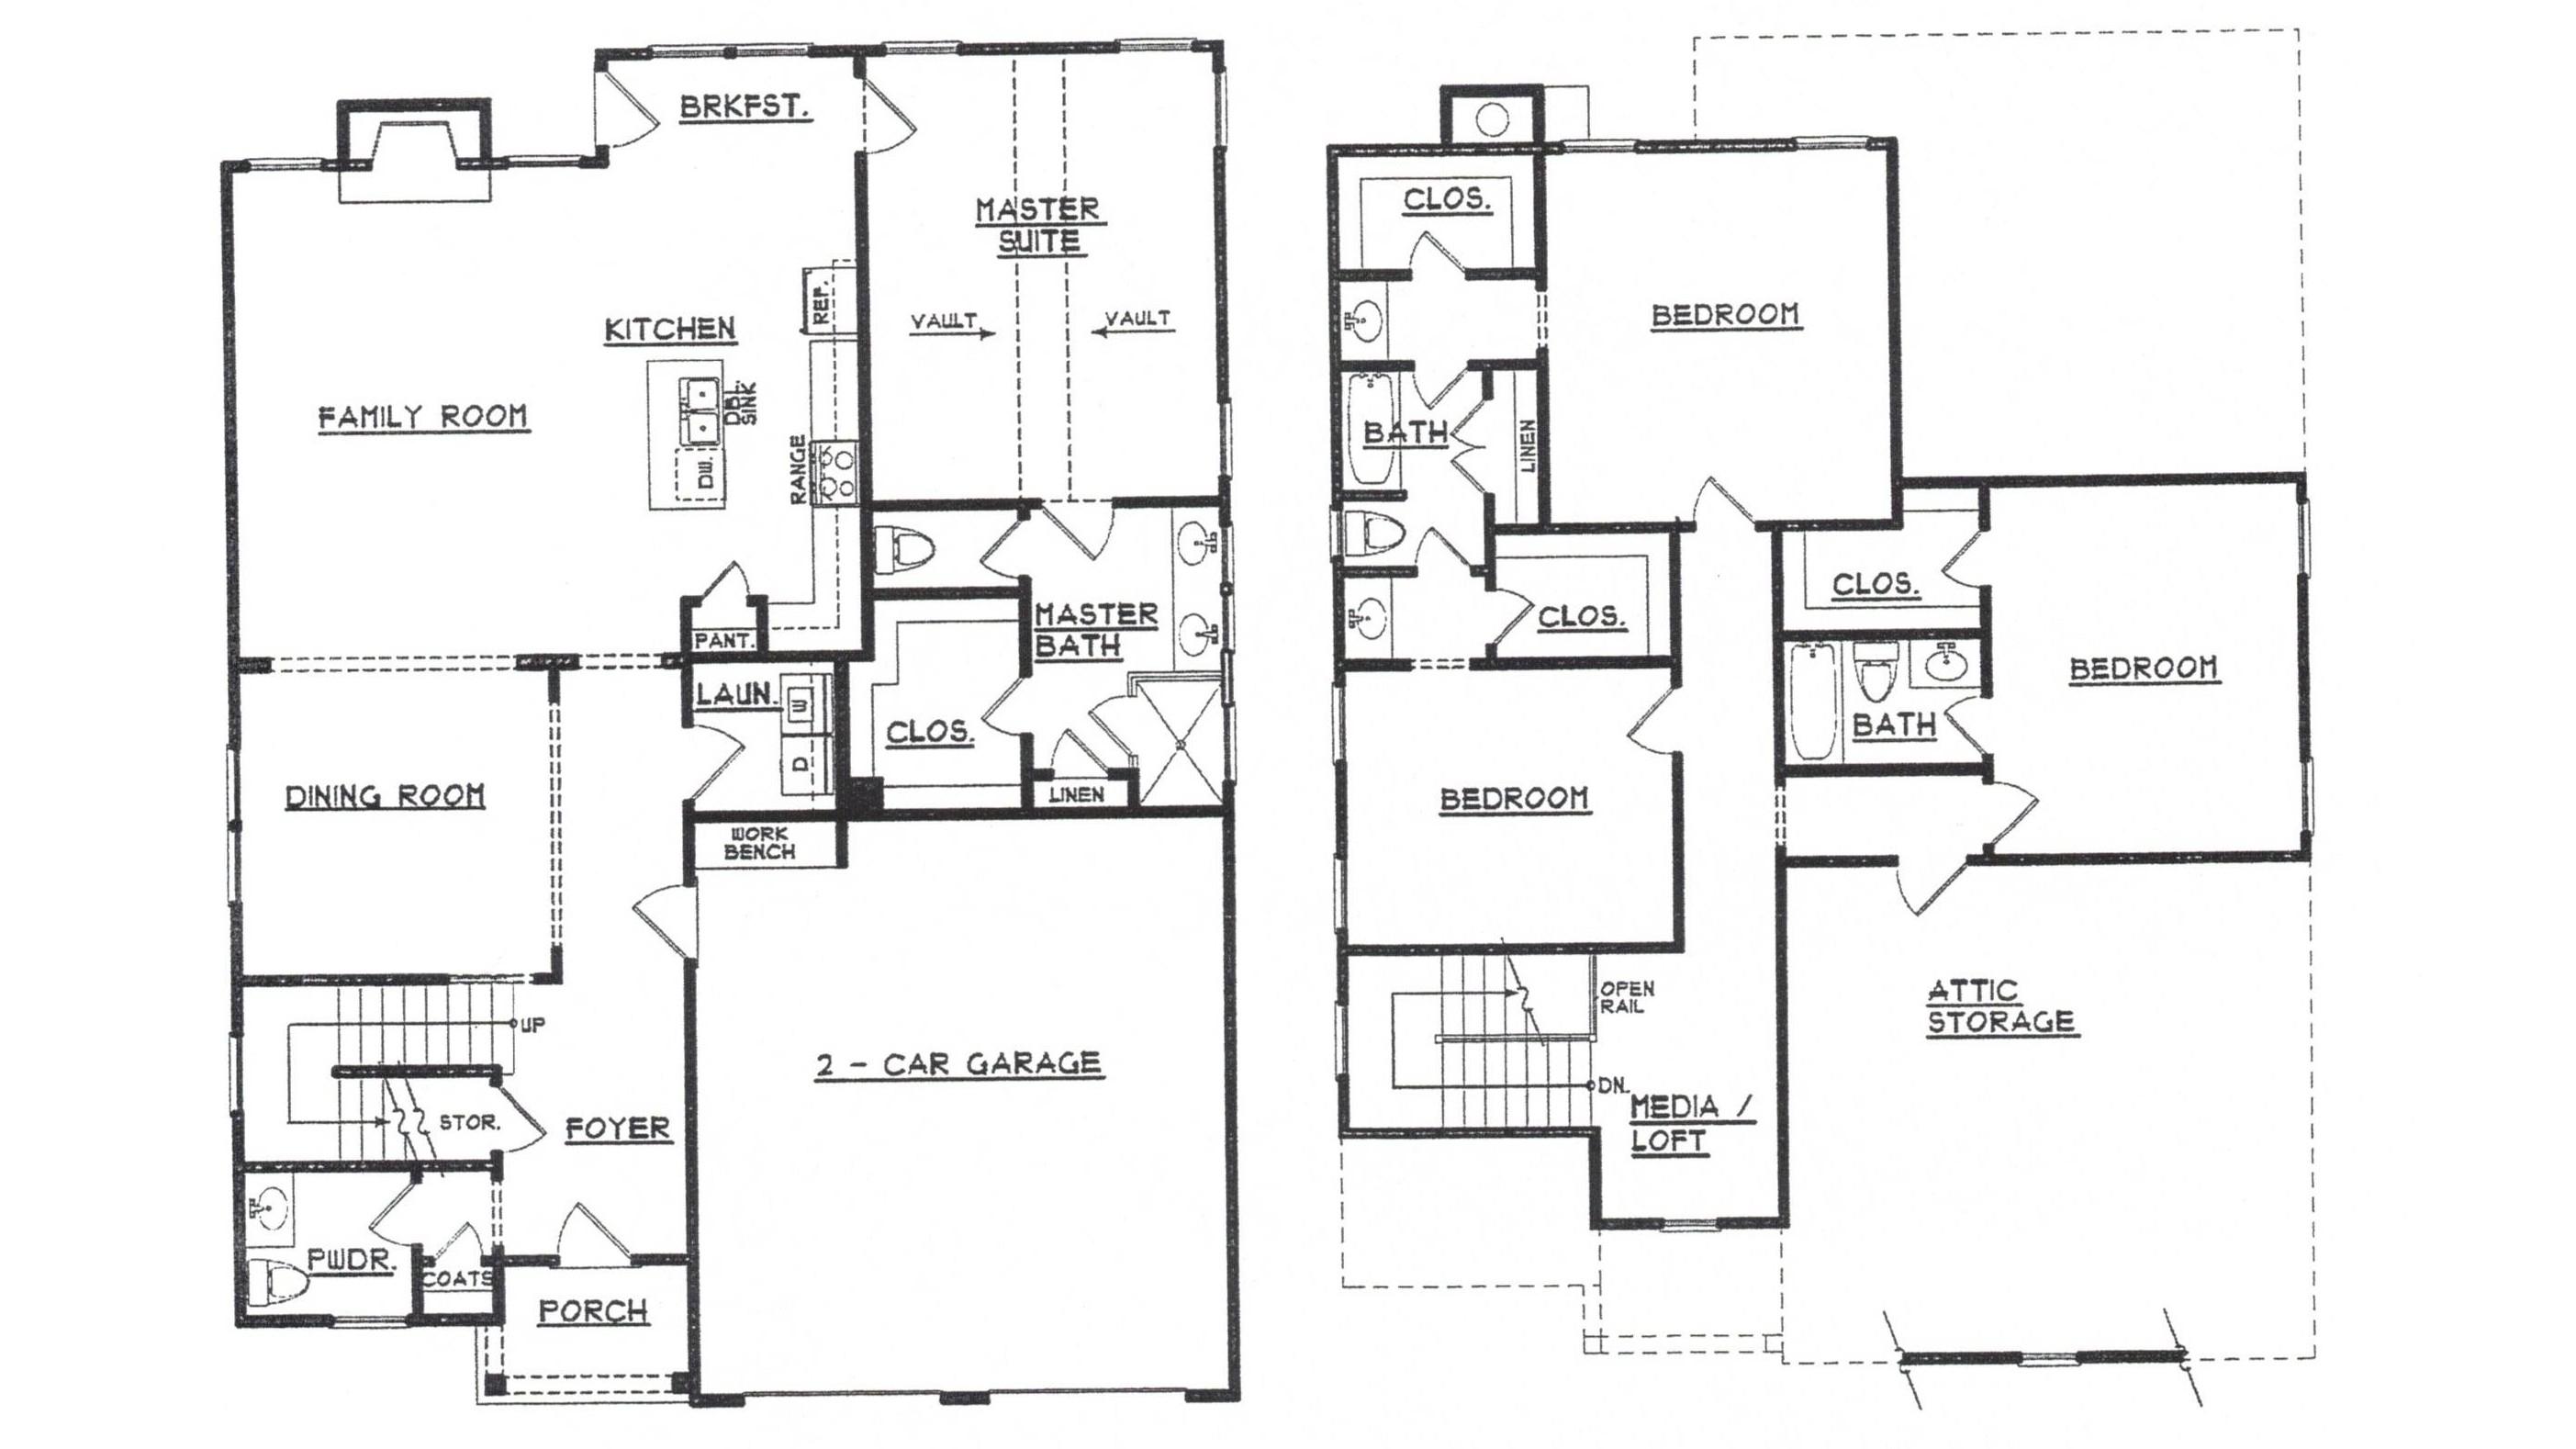 Chattahoochee Floor plan.jpg